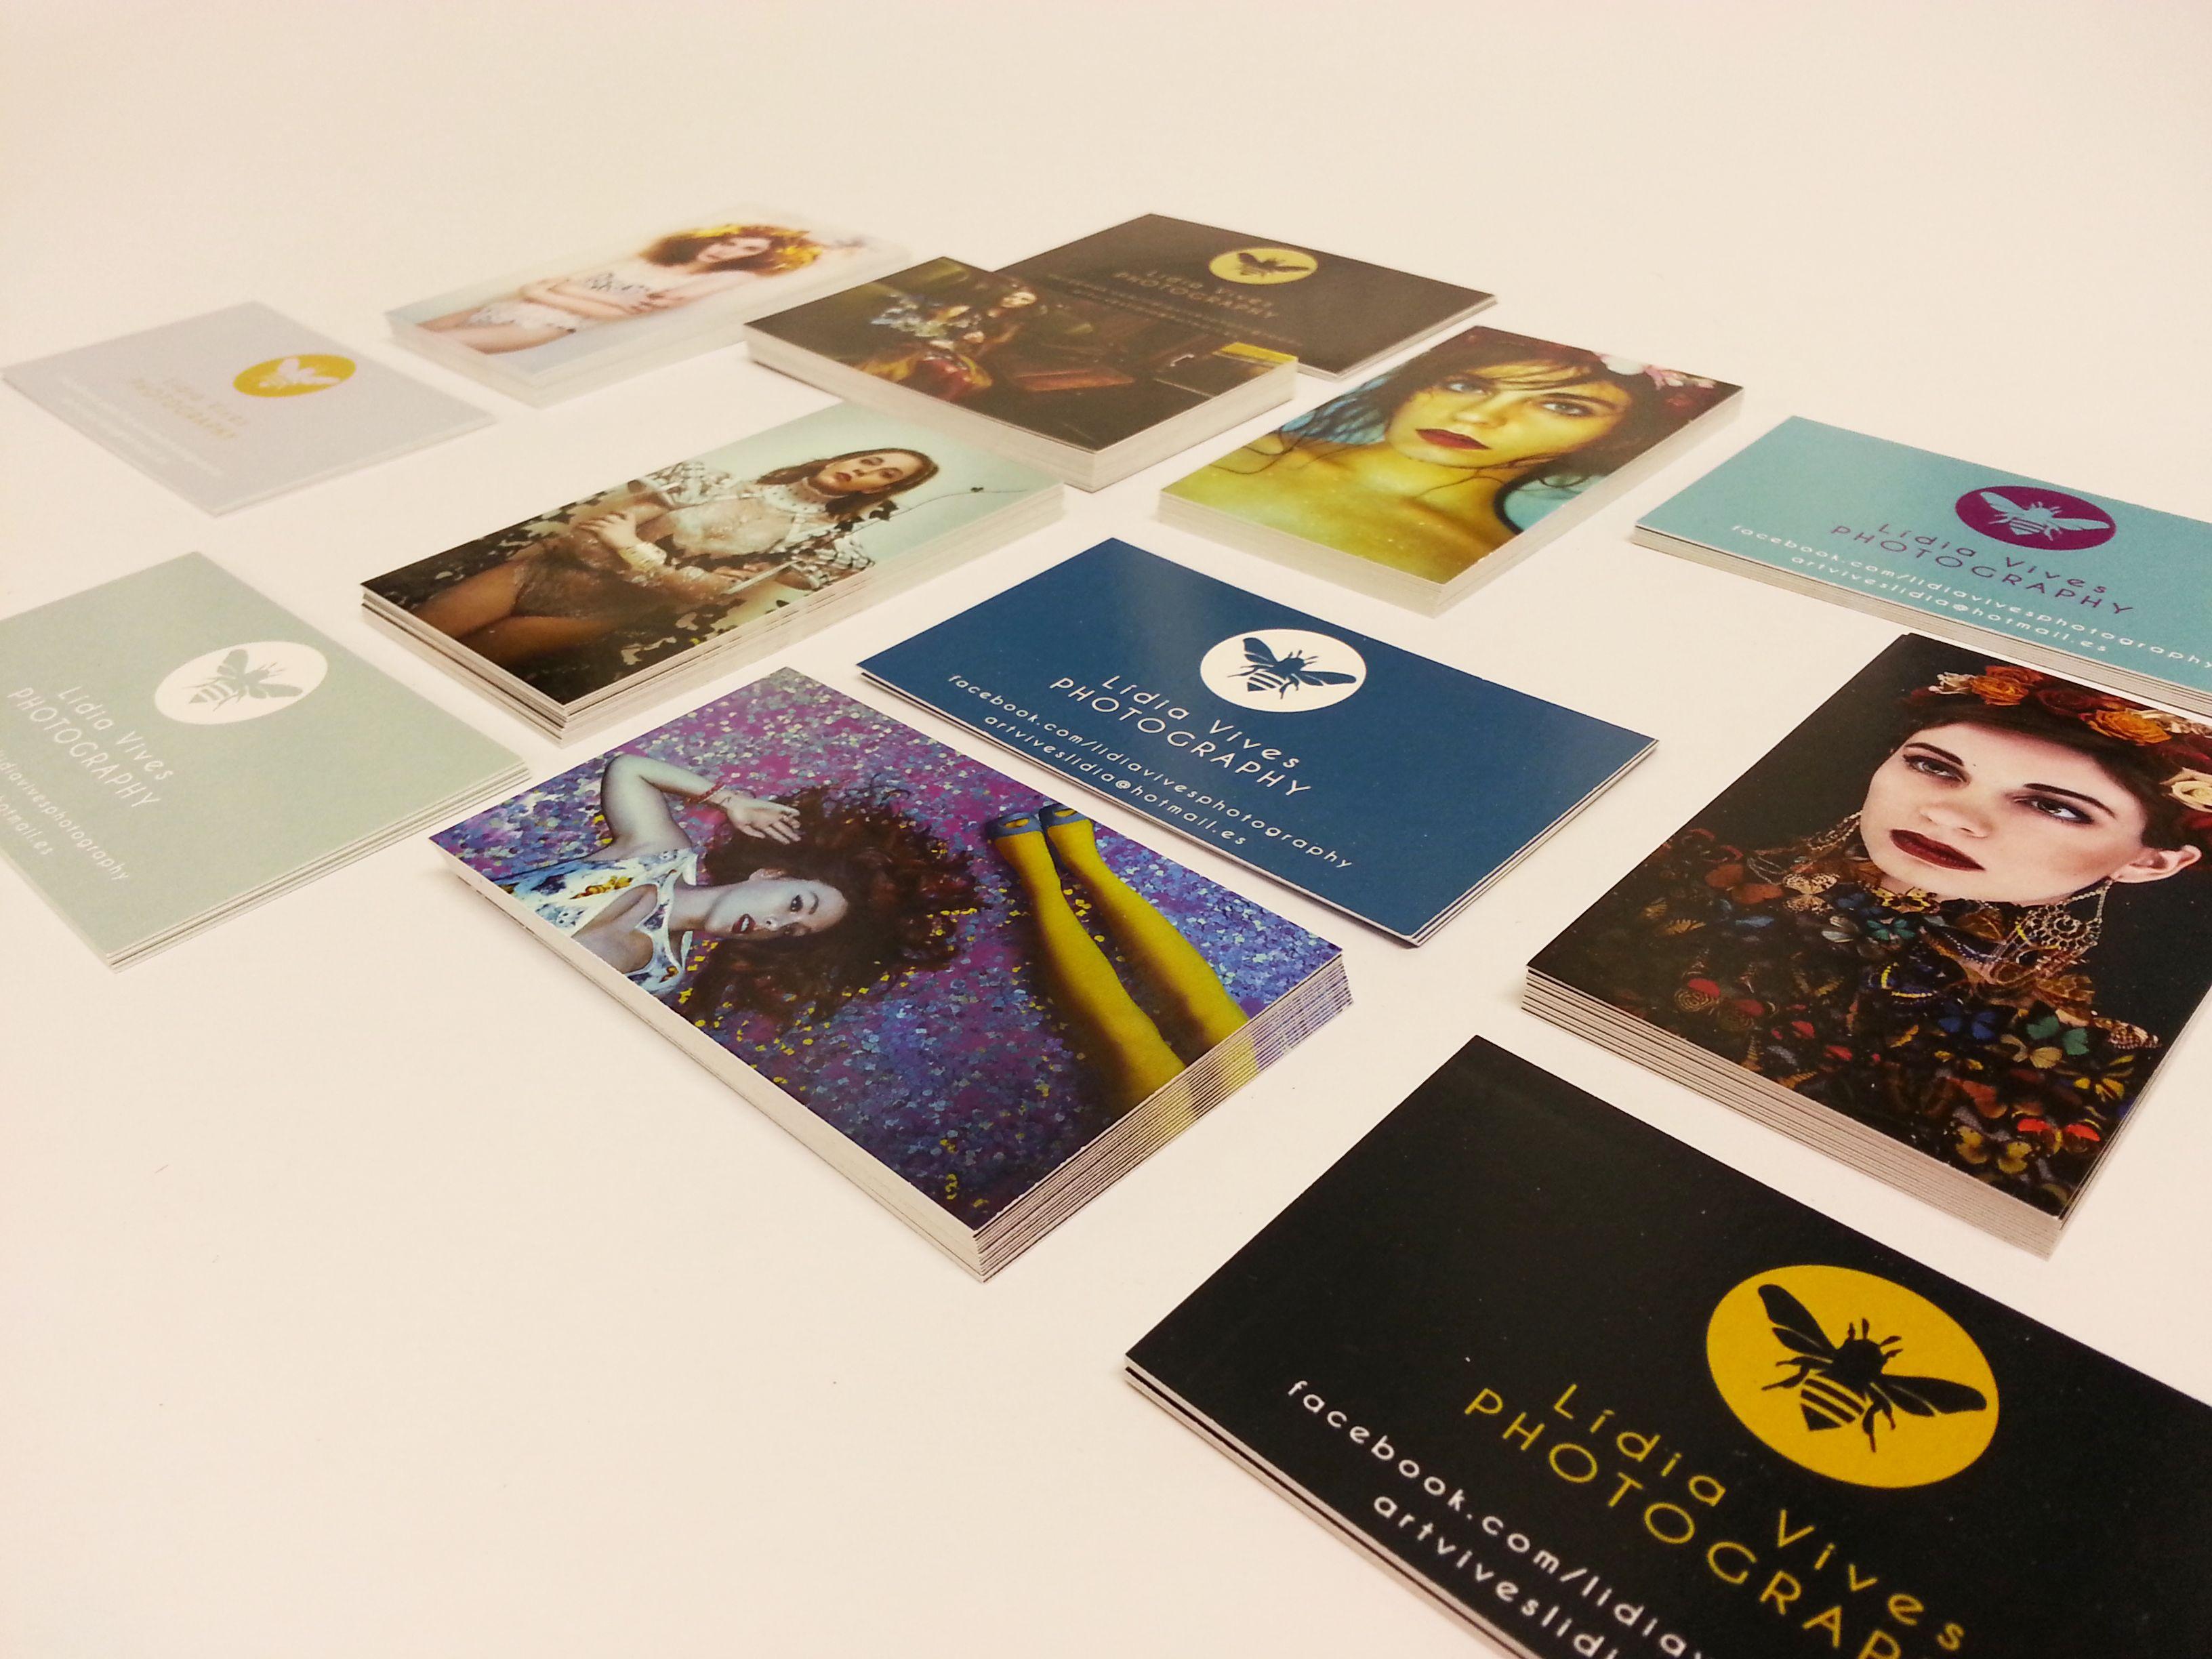 #tarjetasdevisita para Lidia Vives photography  Y si necesitas imprimir tus tarjetas de visita, como Lidia, y quedar como un auténtico profesional, no dudes en visitar este enlace de nuestra tienda online http://ow.ly/JUHzB Recuerda tú te encargas de la #creatividad, nosotros de la #impresion. www.bramona.com www.bramona.com/... (#ideas originales para#personalizar tu día a día…)